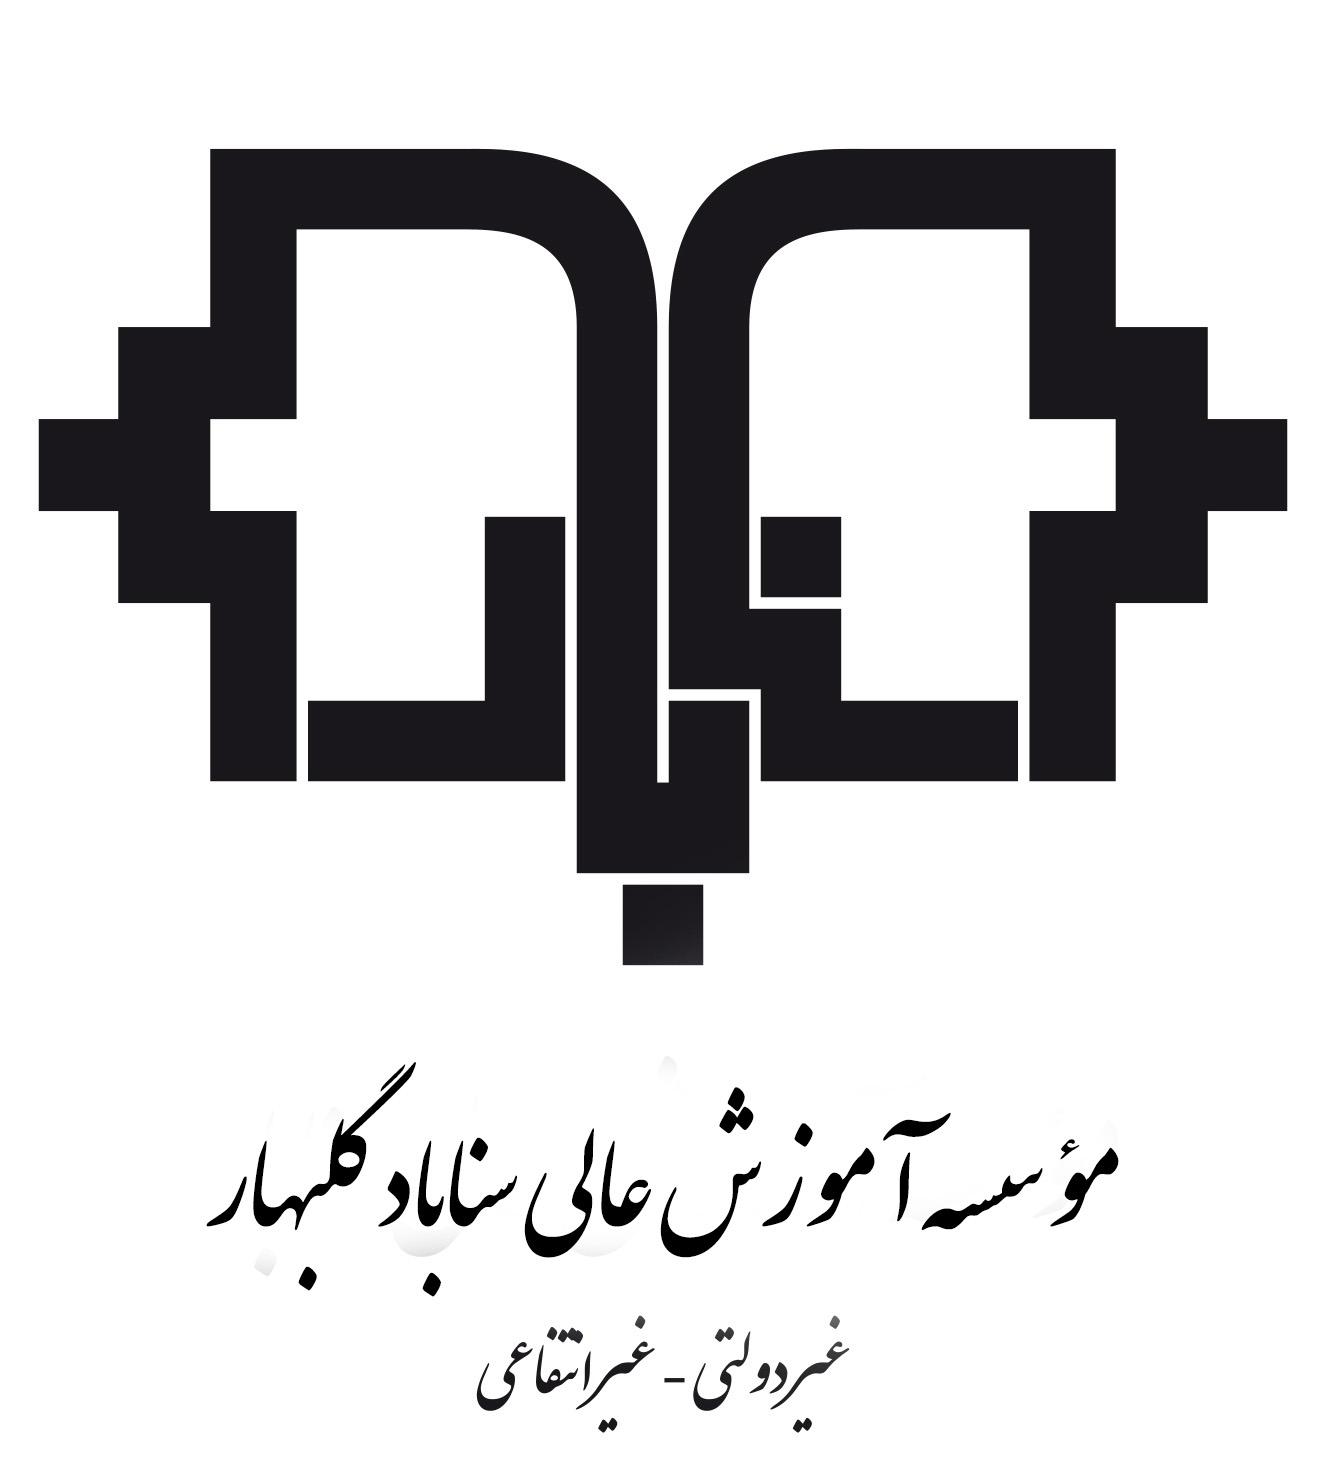 موسسه آموزش عالی سناباد گلبهار